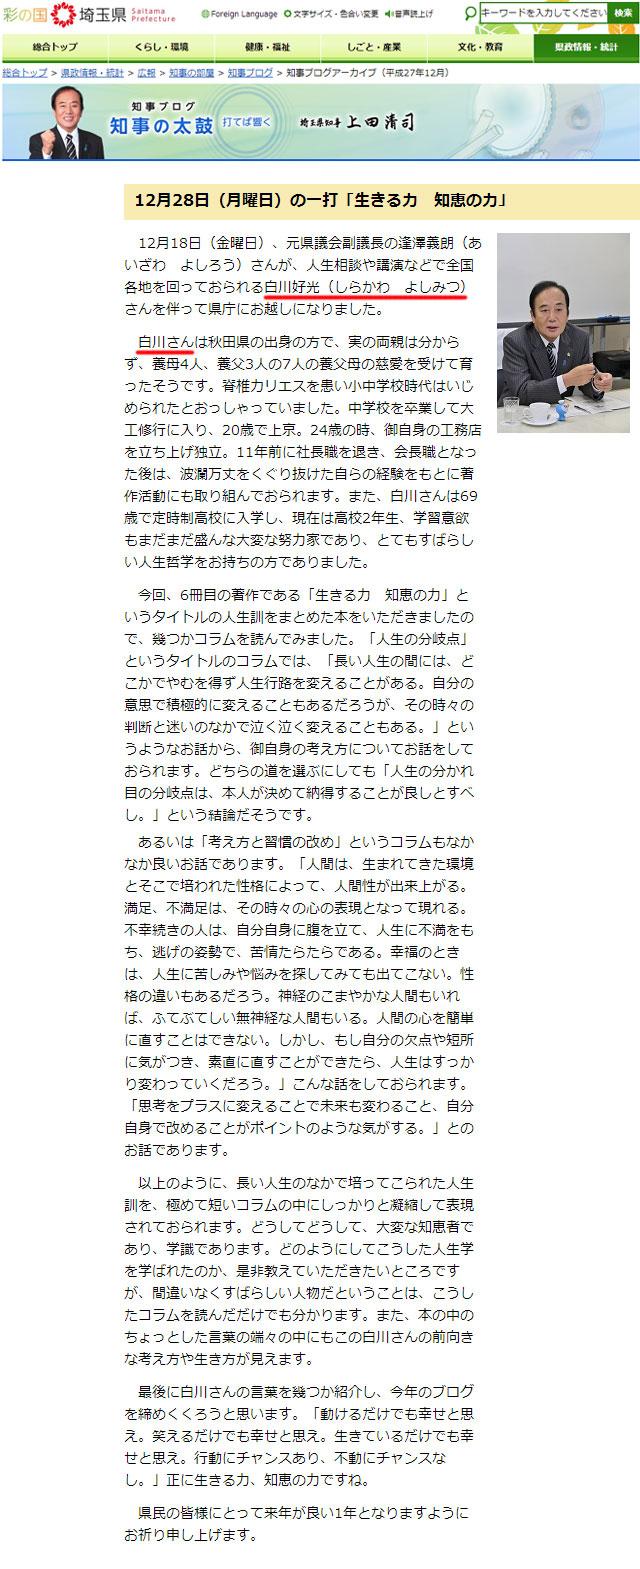 白川好光 埼玉知事のブログ20151228